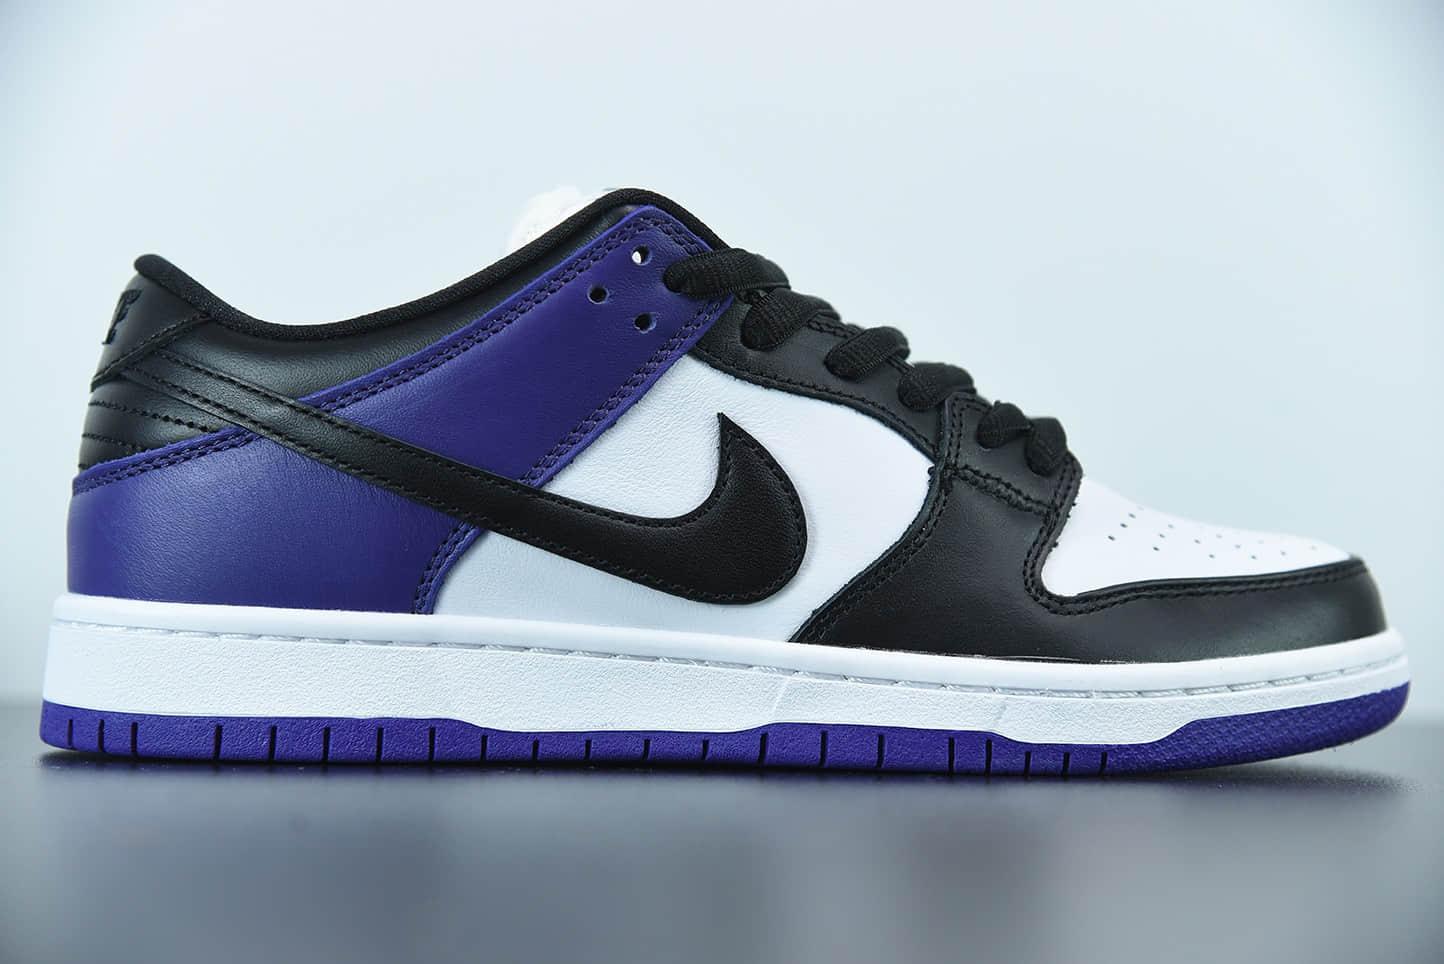 耐克Nike SB Dunk LowCourt Purple恶人紫扣篮系列低帮休闲运动滑板板鞋纯原版本 货号:BQ6817-500